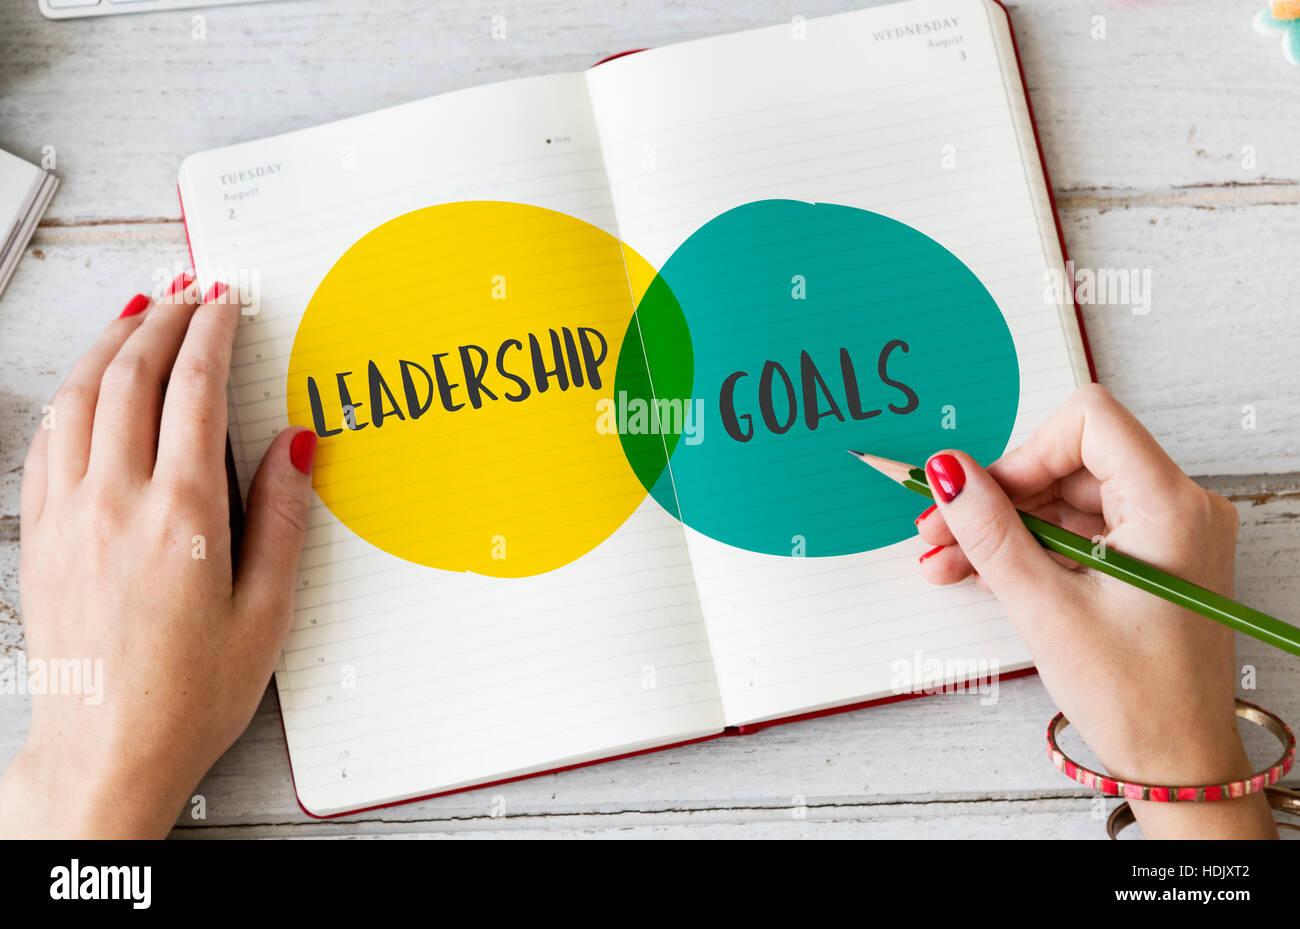 Obiettivi della leadership idee motivazione cerchi Concept Foto Stock